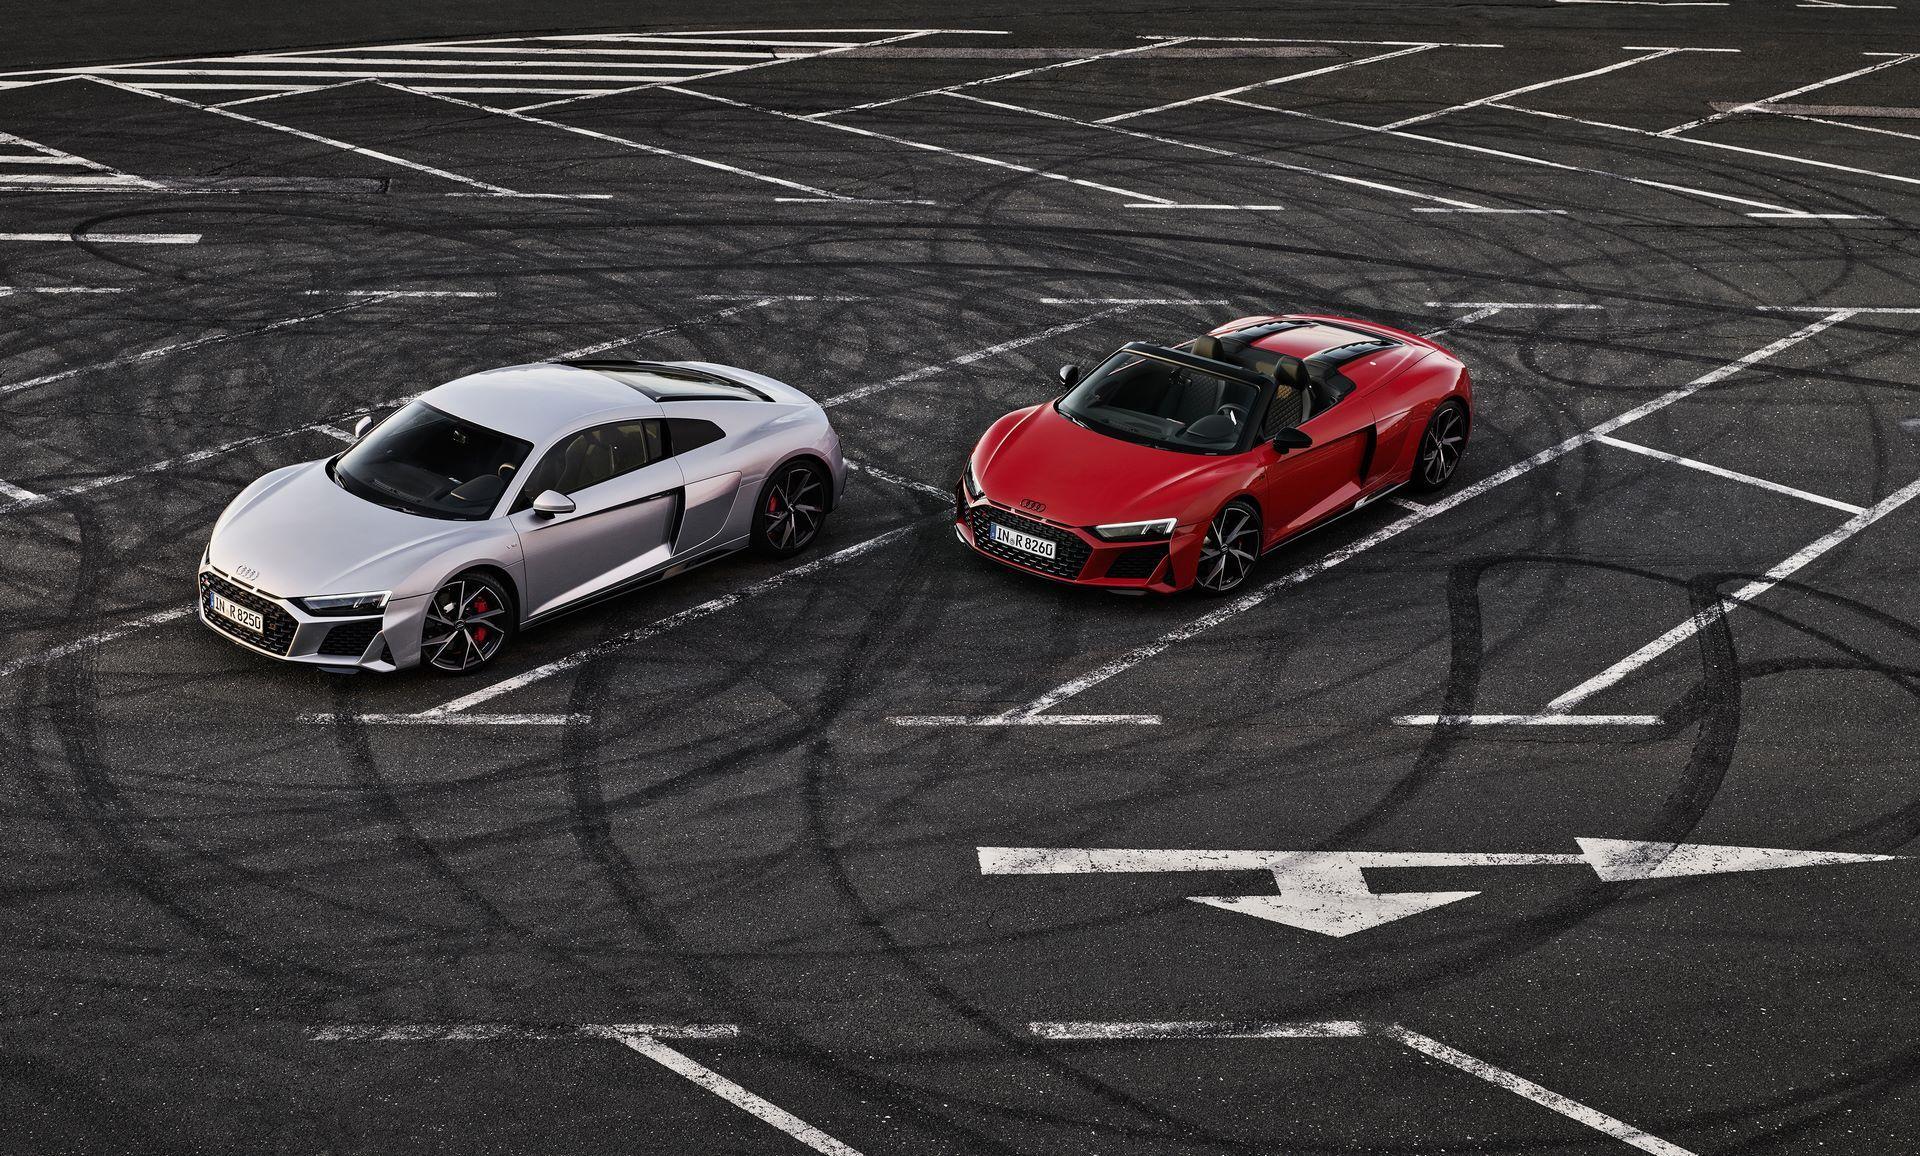 Audi R8 V10 RWD Coupé / Audi R8 V10 RWD Spyder